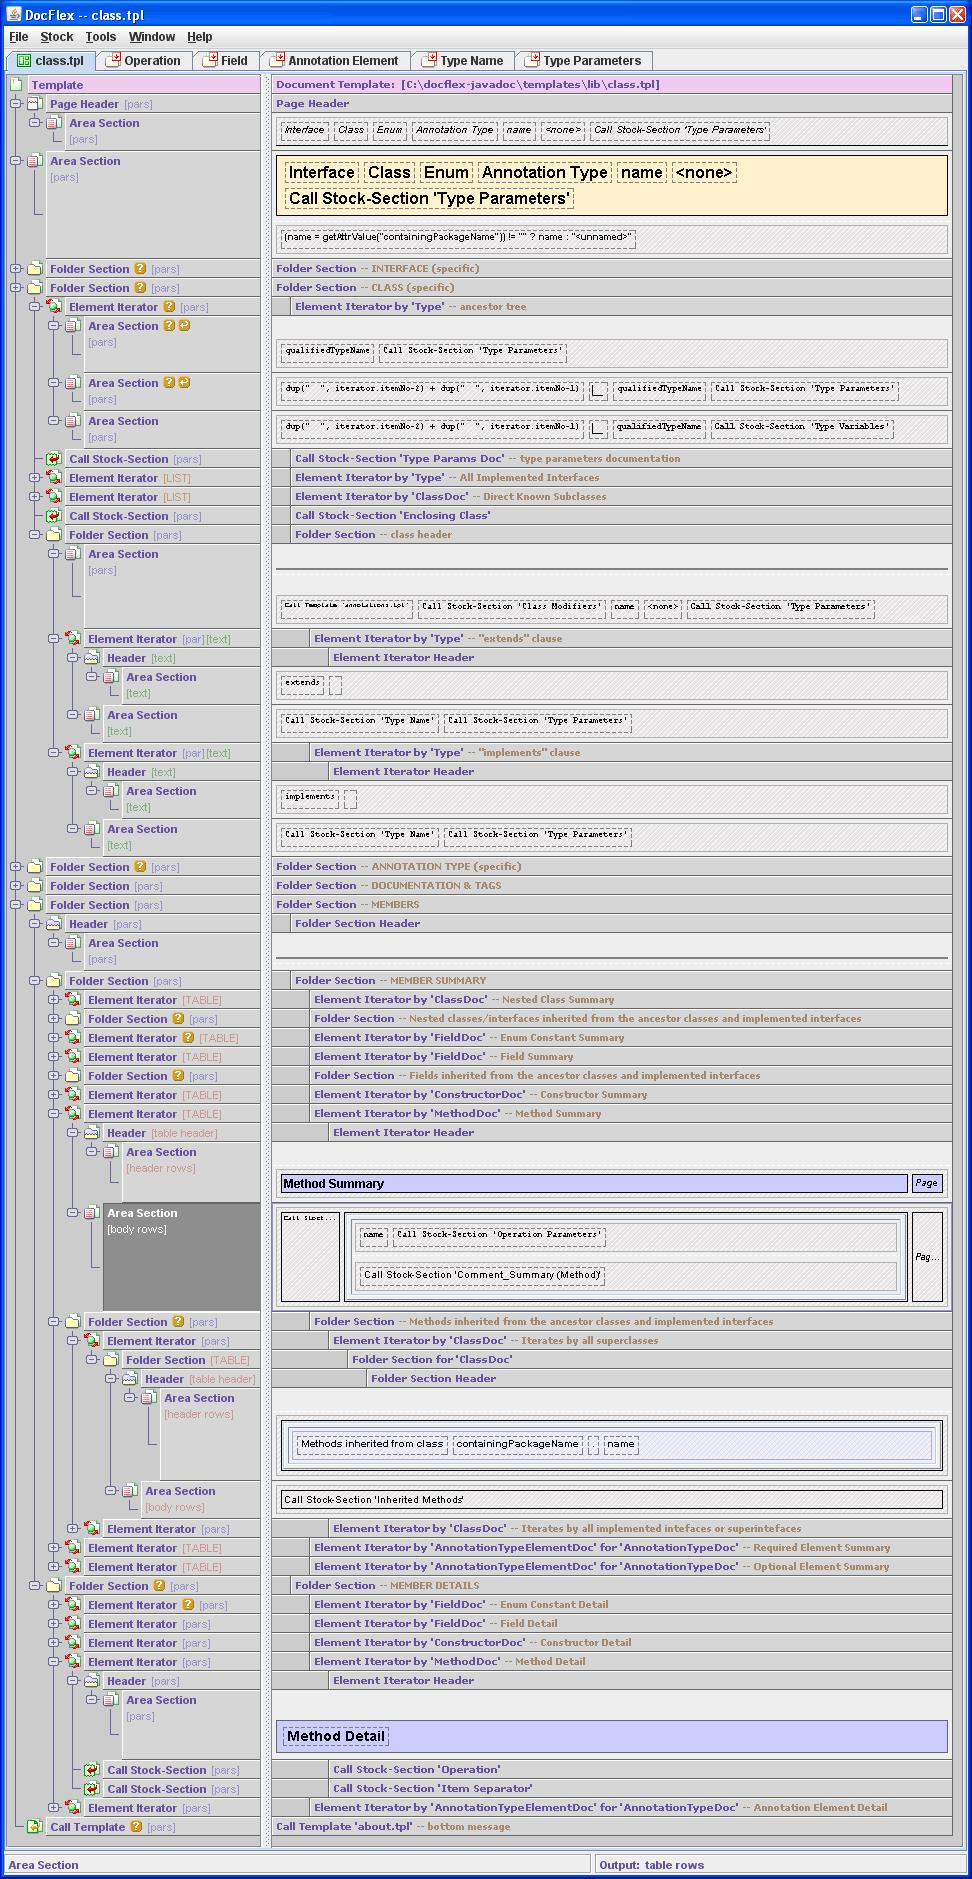 DocFlex/Javadoc 1.5.6, multi-format doclet and rapid doclet ...